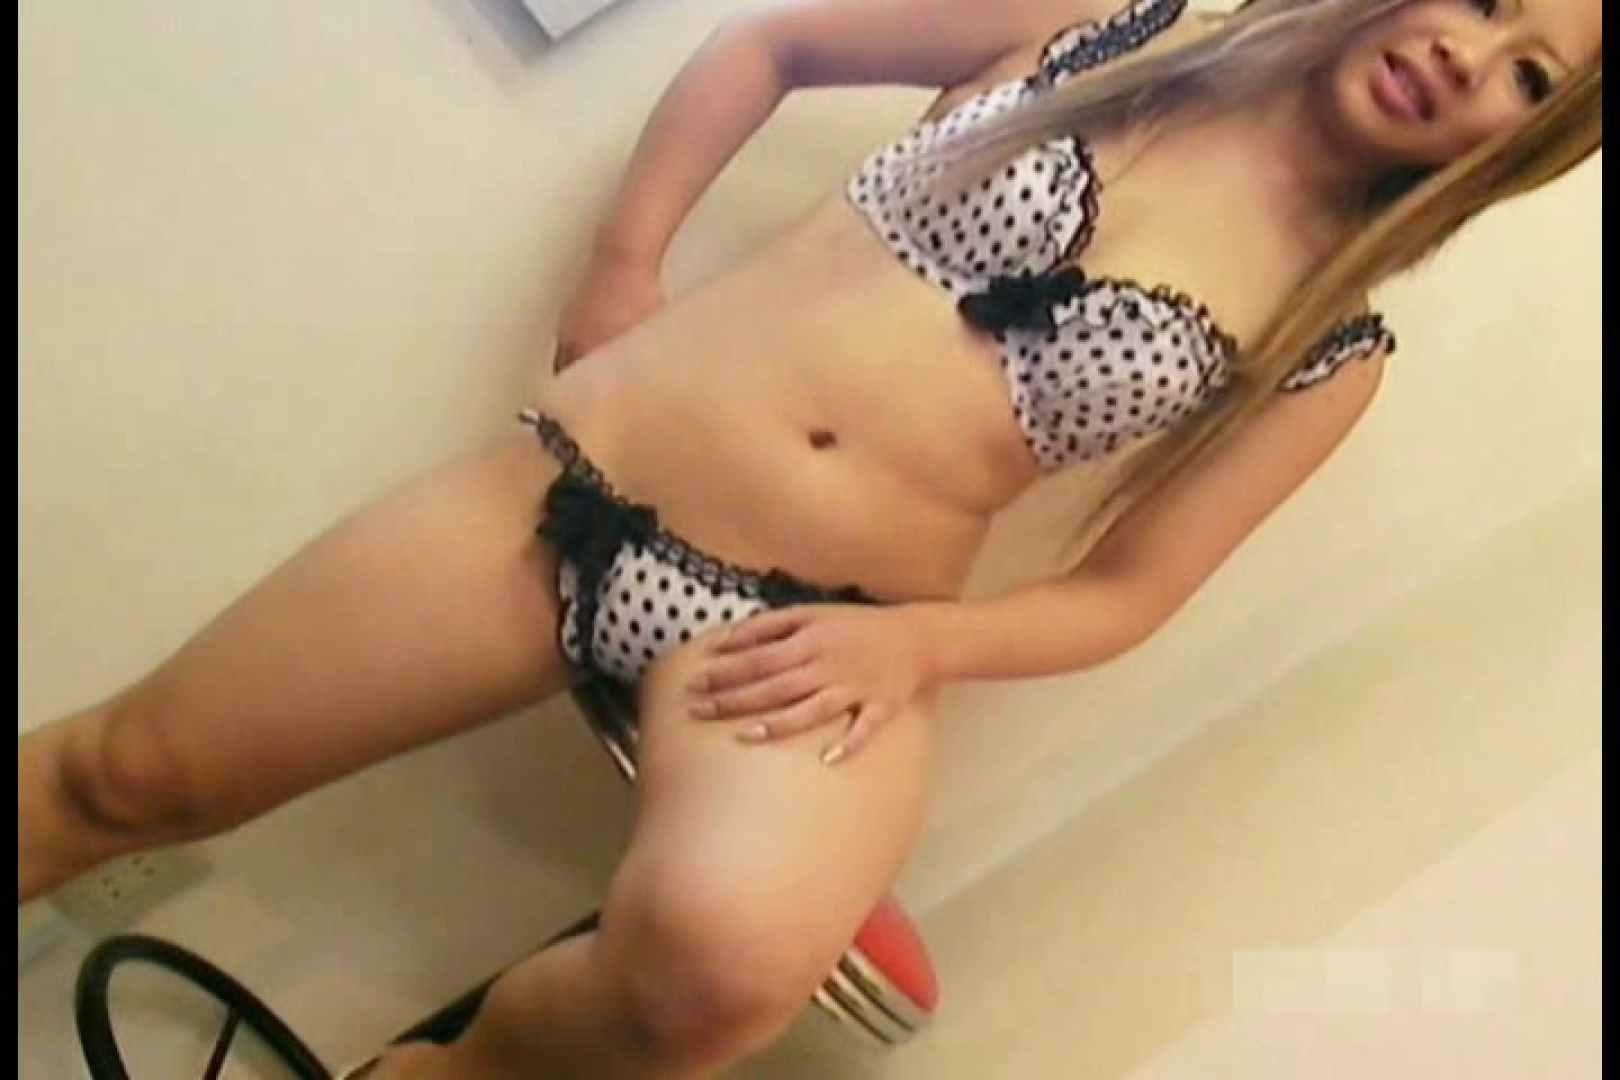 素人撮影 下着だけの撮影のはずが・・・幸子18歳 着替え  81pic 24